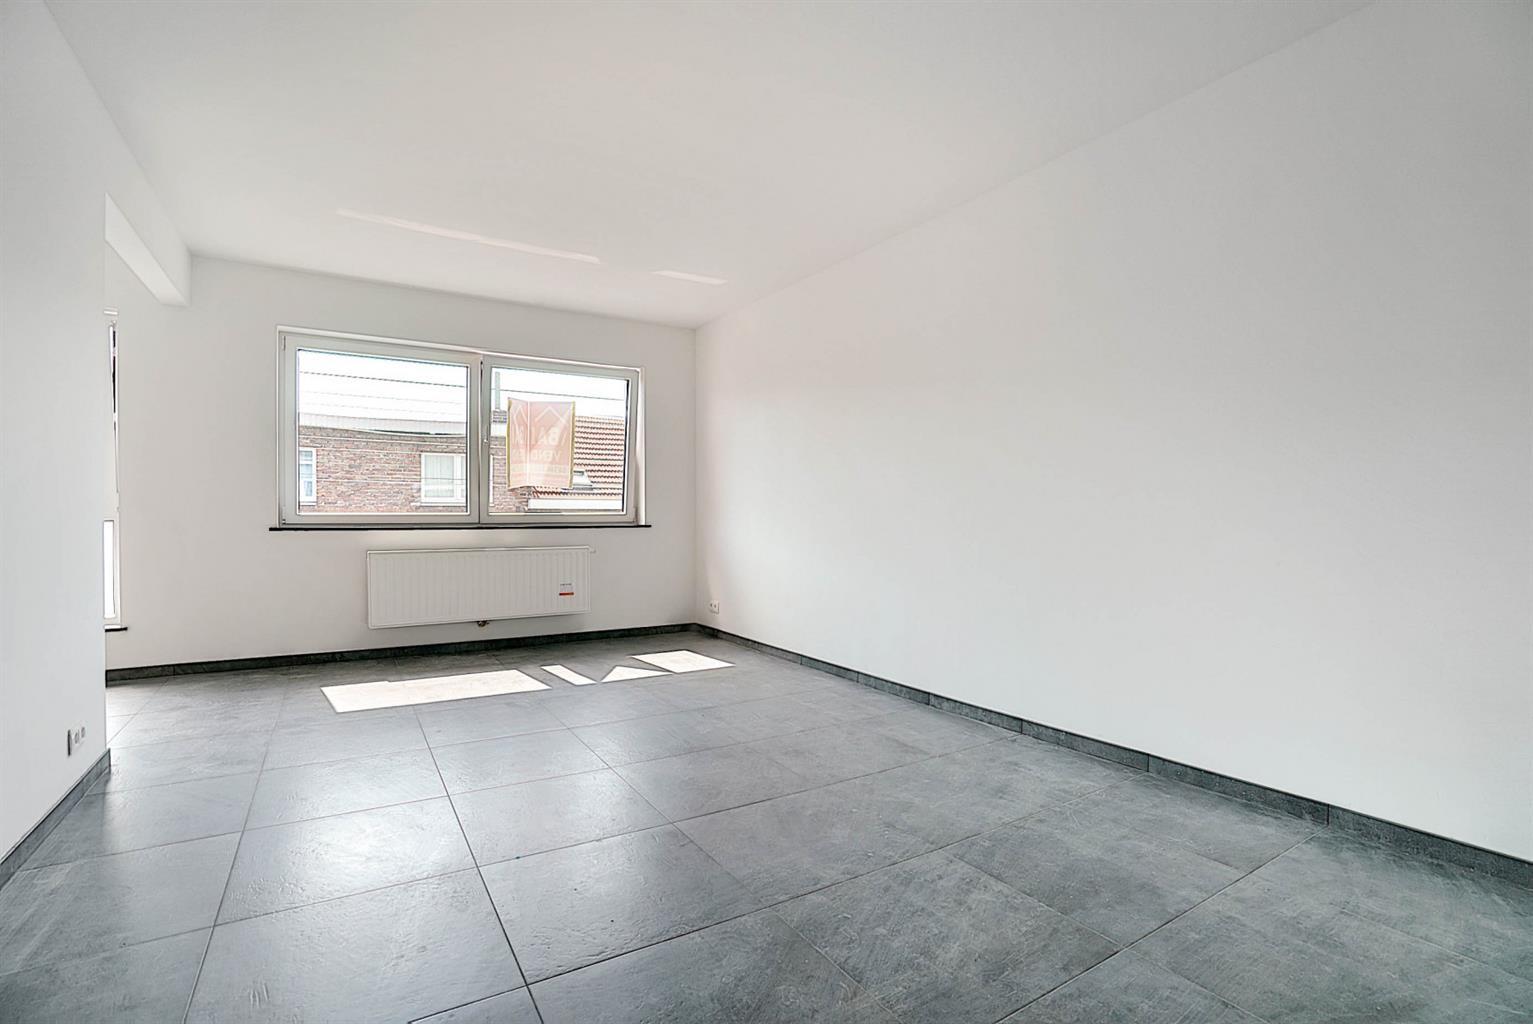 Appartement - Herstal - #4148213-4